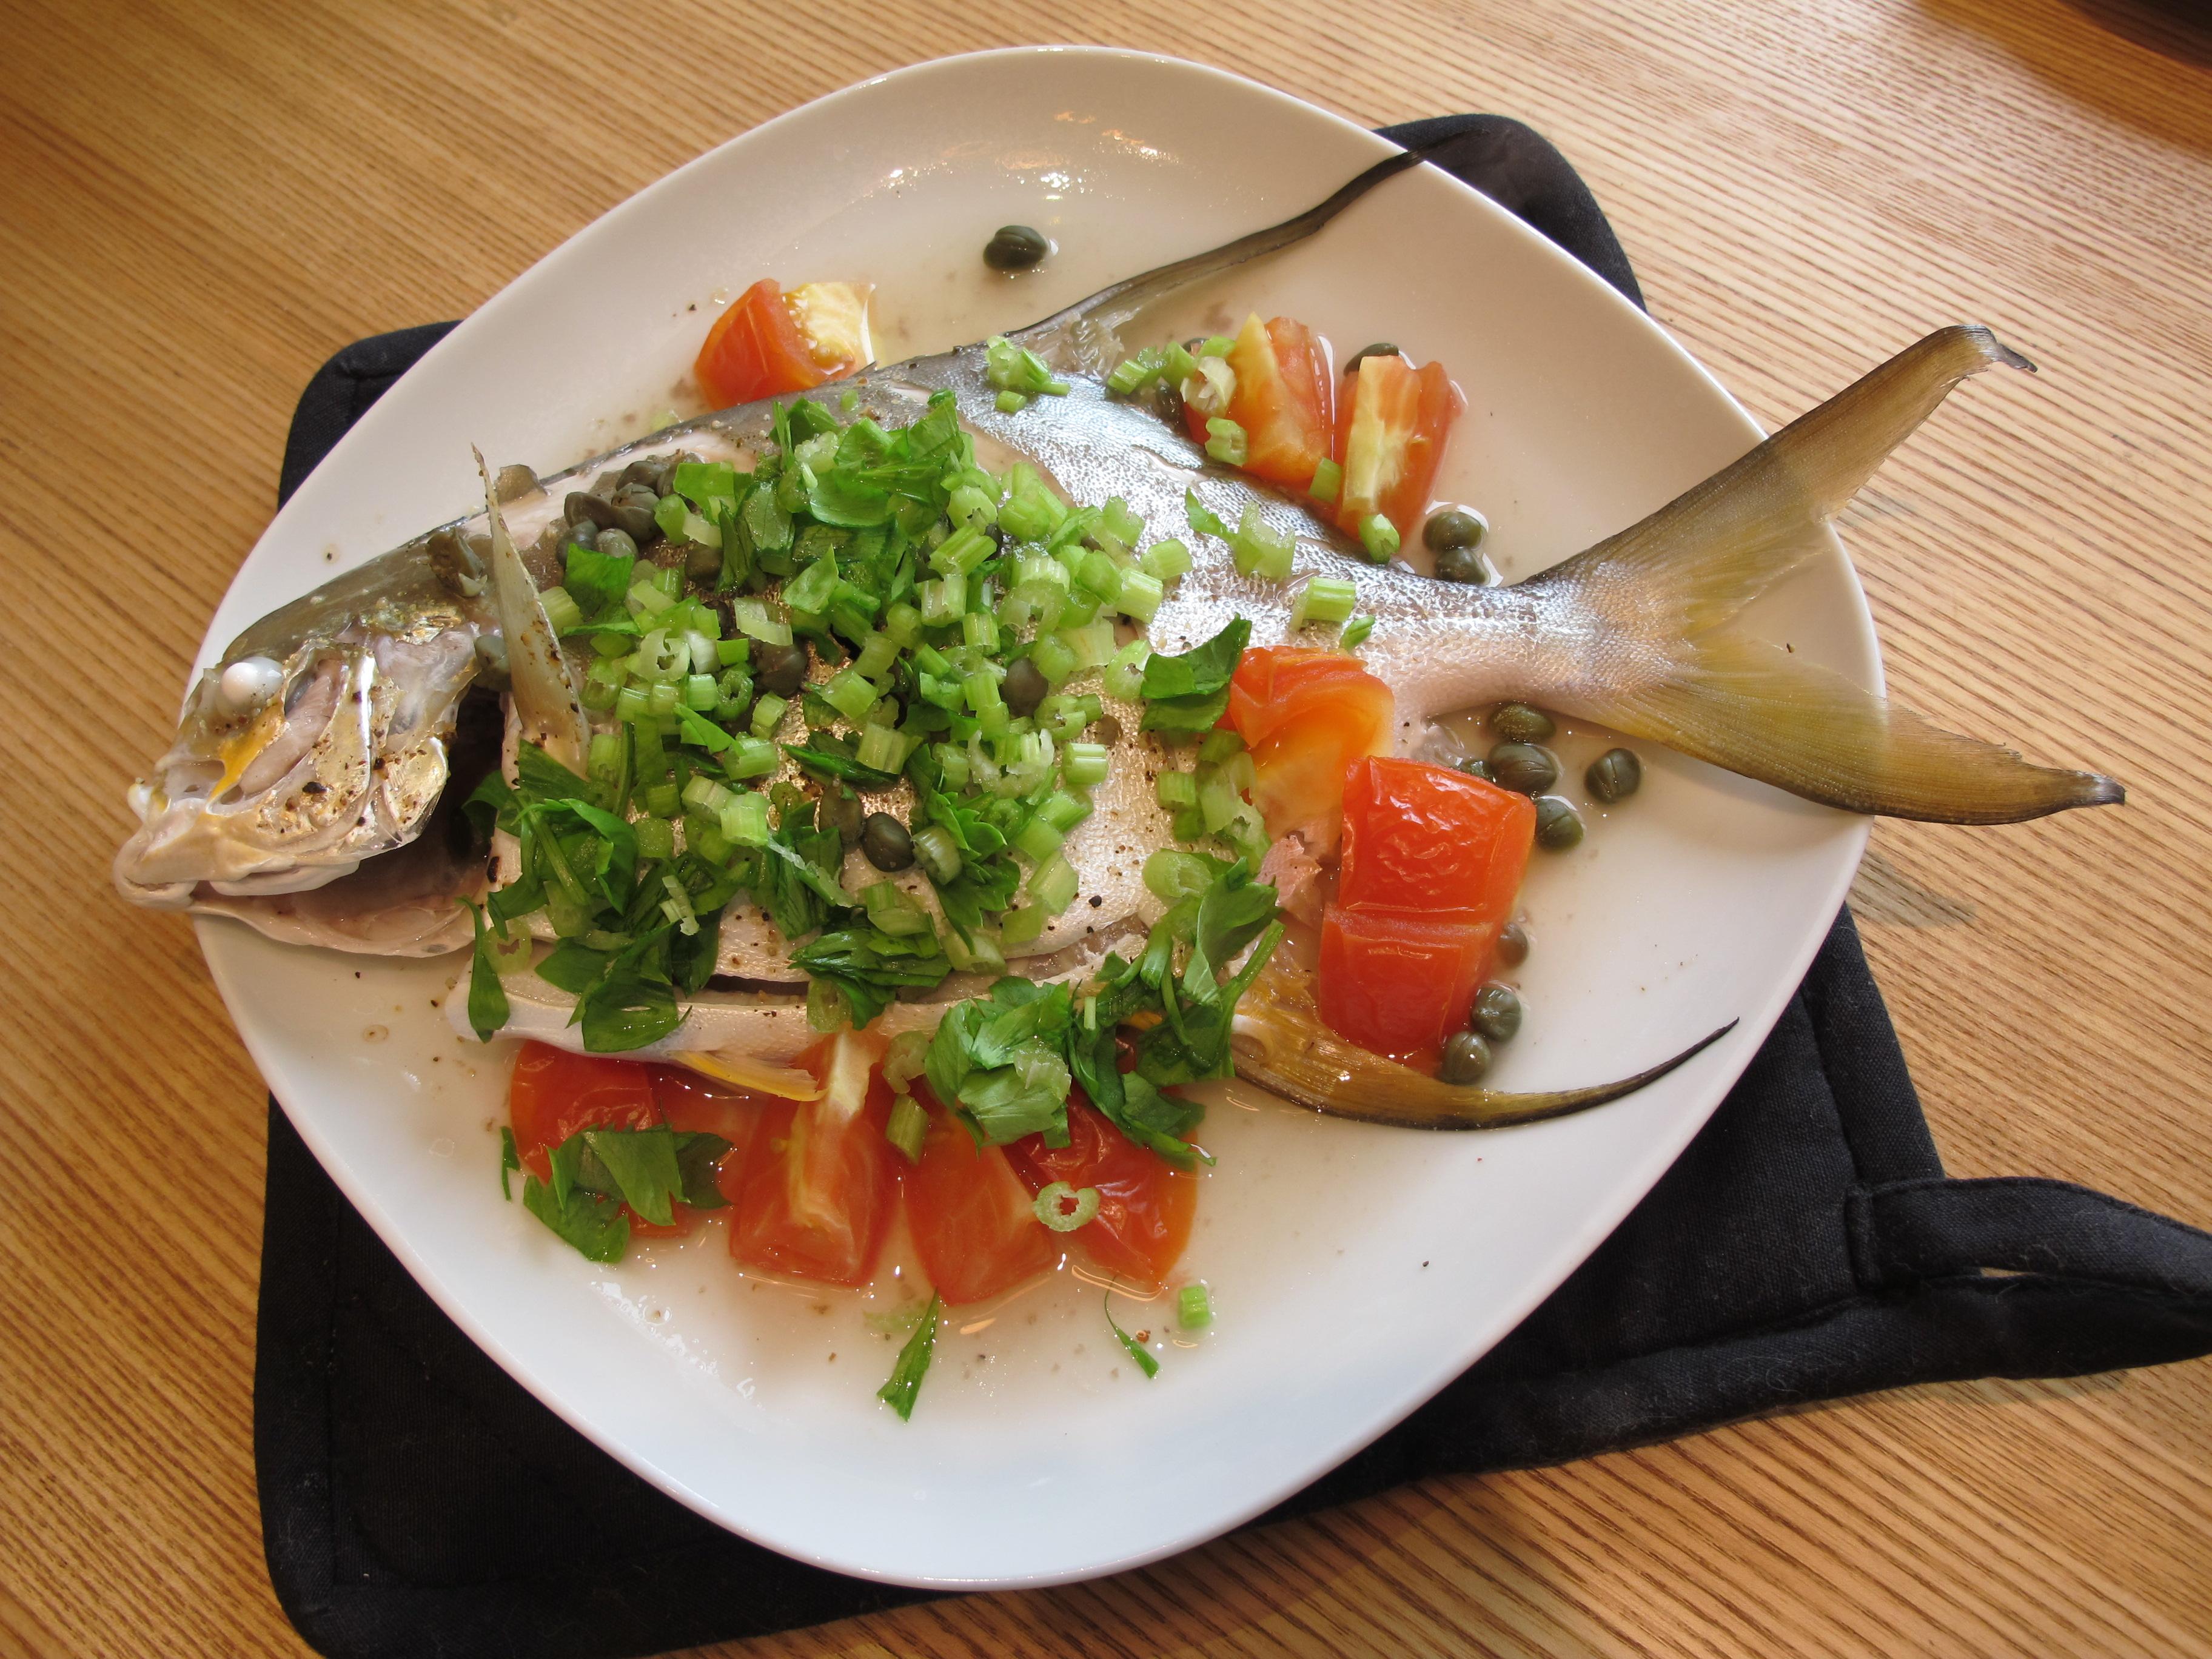 西班牙酸豆蒸魚。滋味鮮美輕鬆煮!